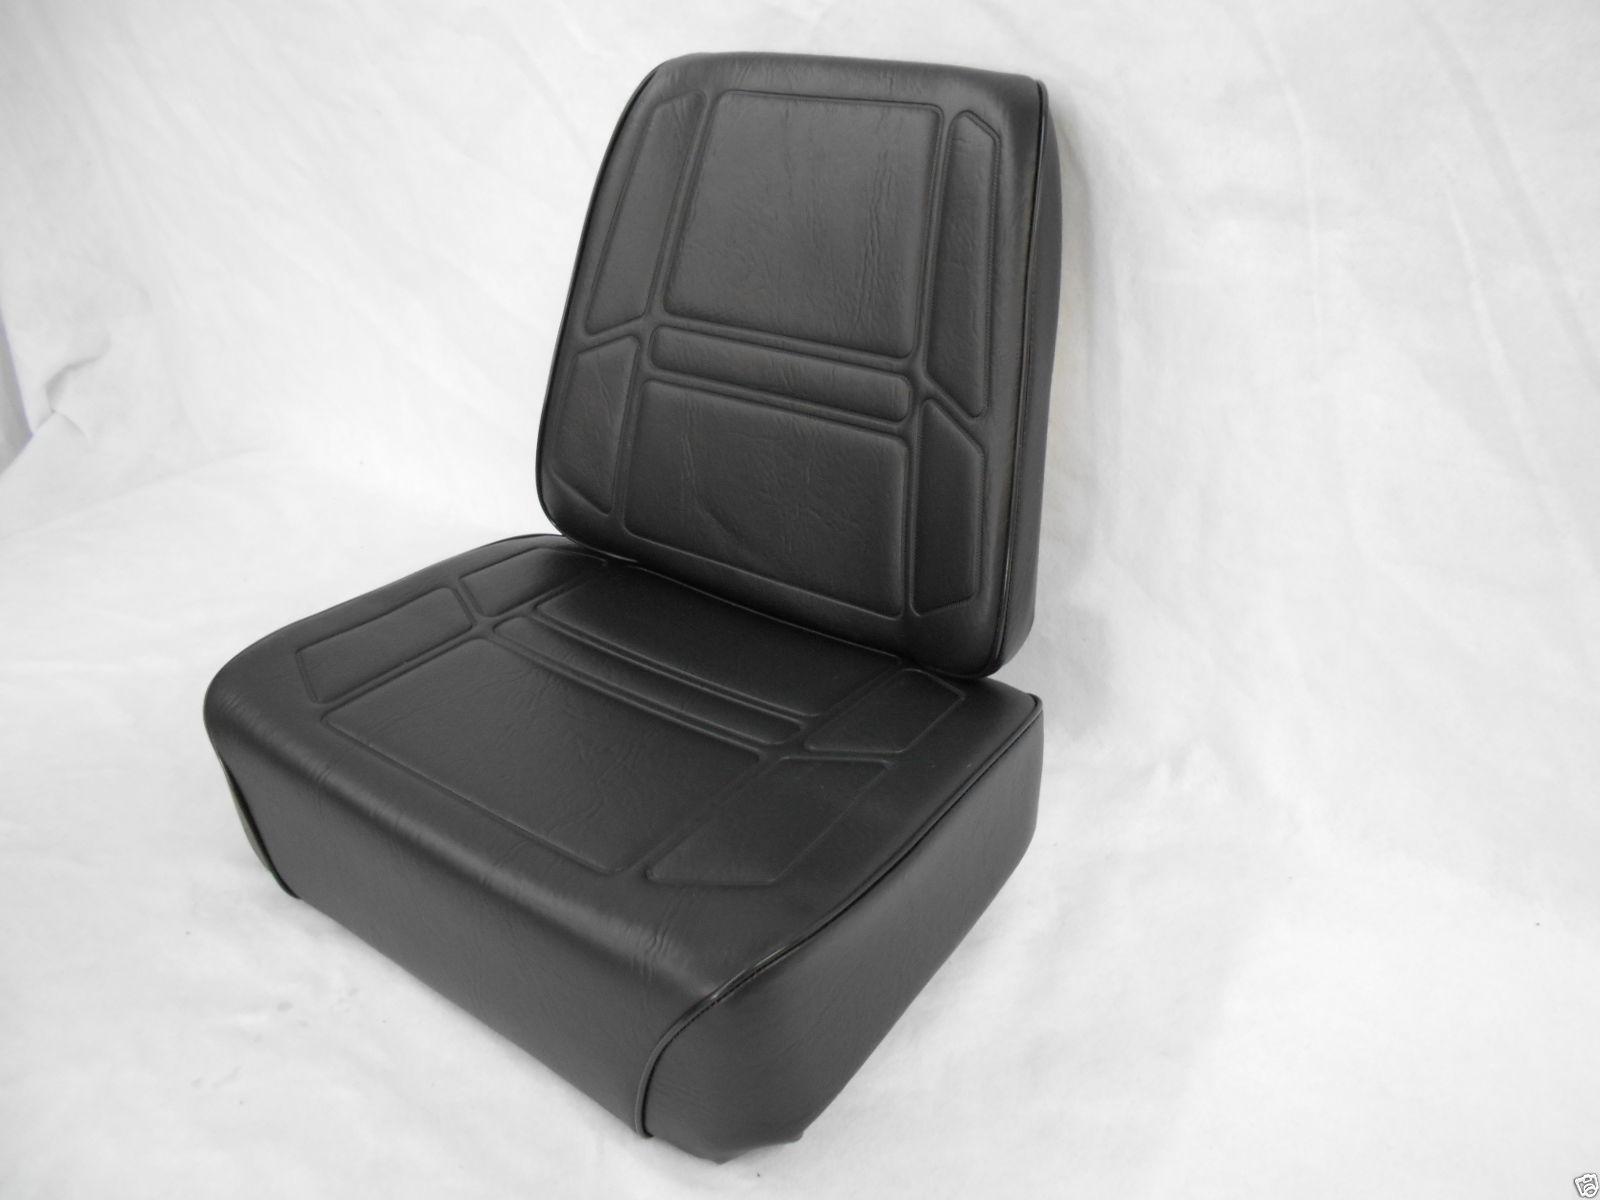 KUBOTA-SEAT-REPLACEMENT-CUSHION-SET-ZD21ZD25ZD28ZG20ZG23-ZERO-TURN-MOWER-ZC-161752463193-2